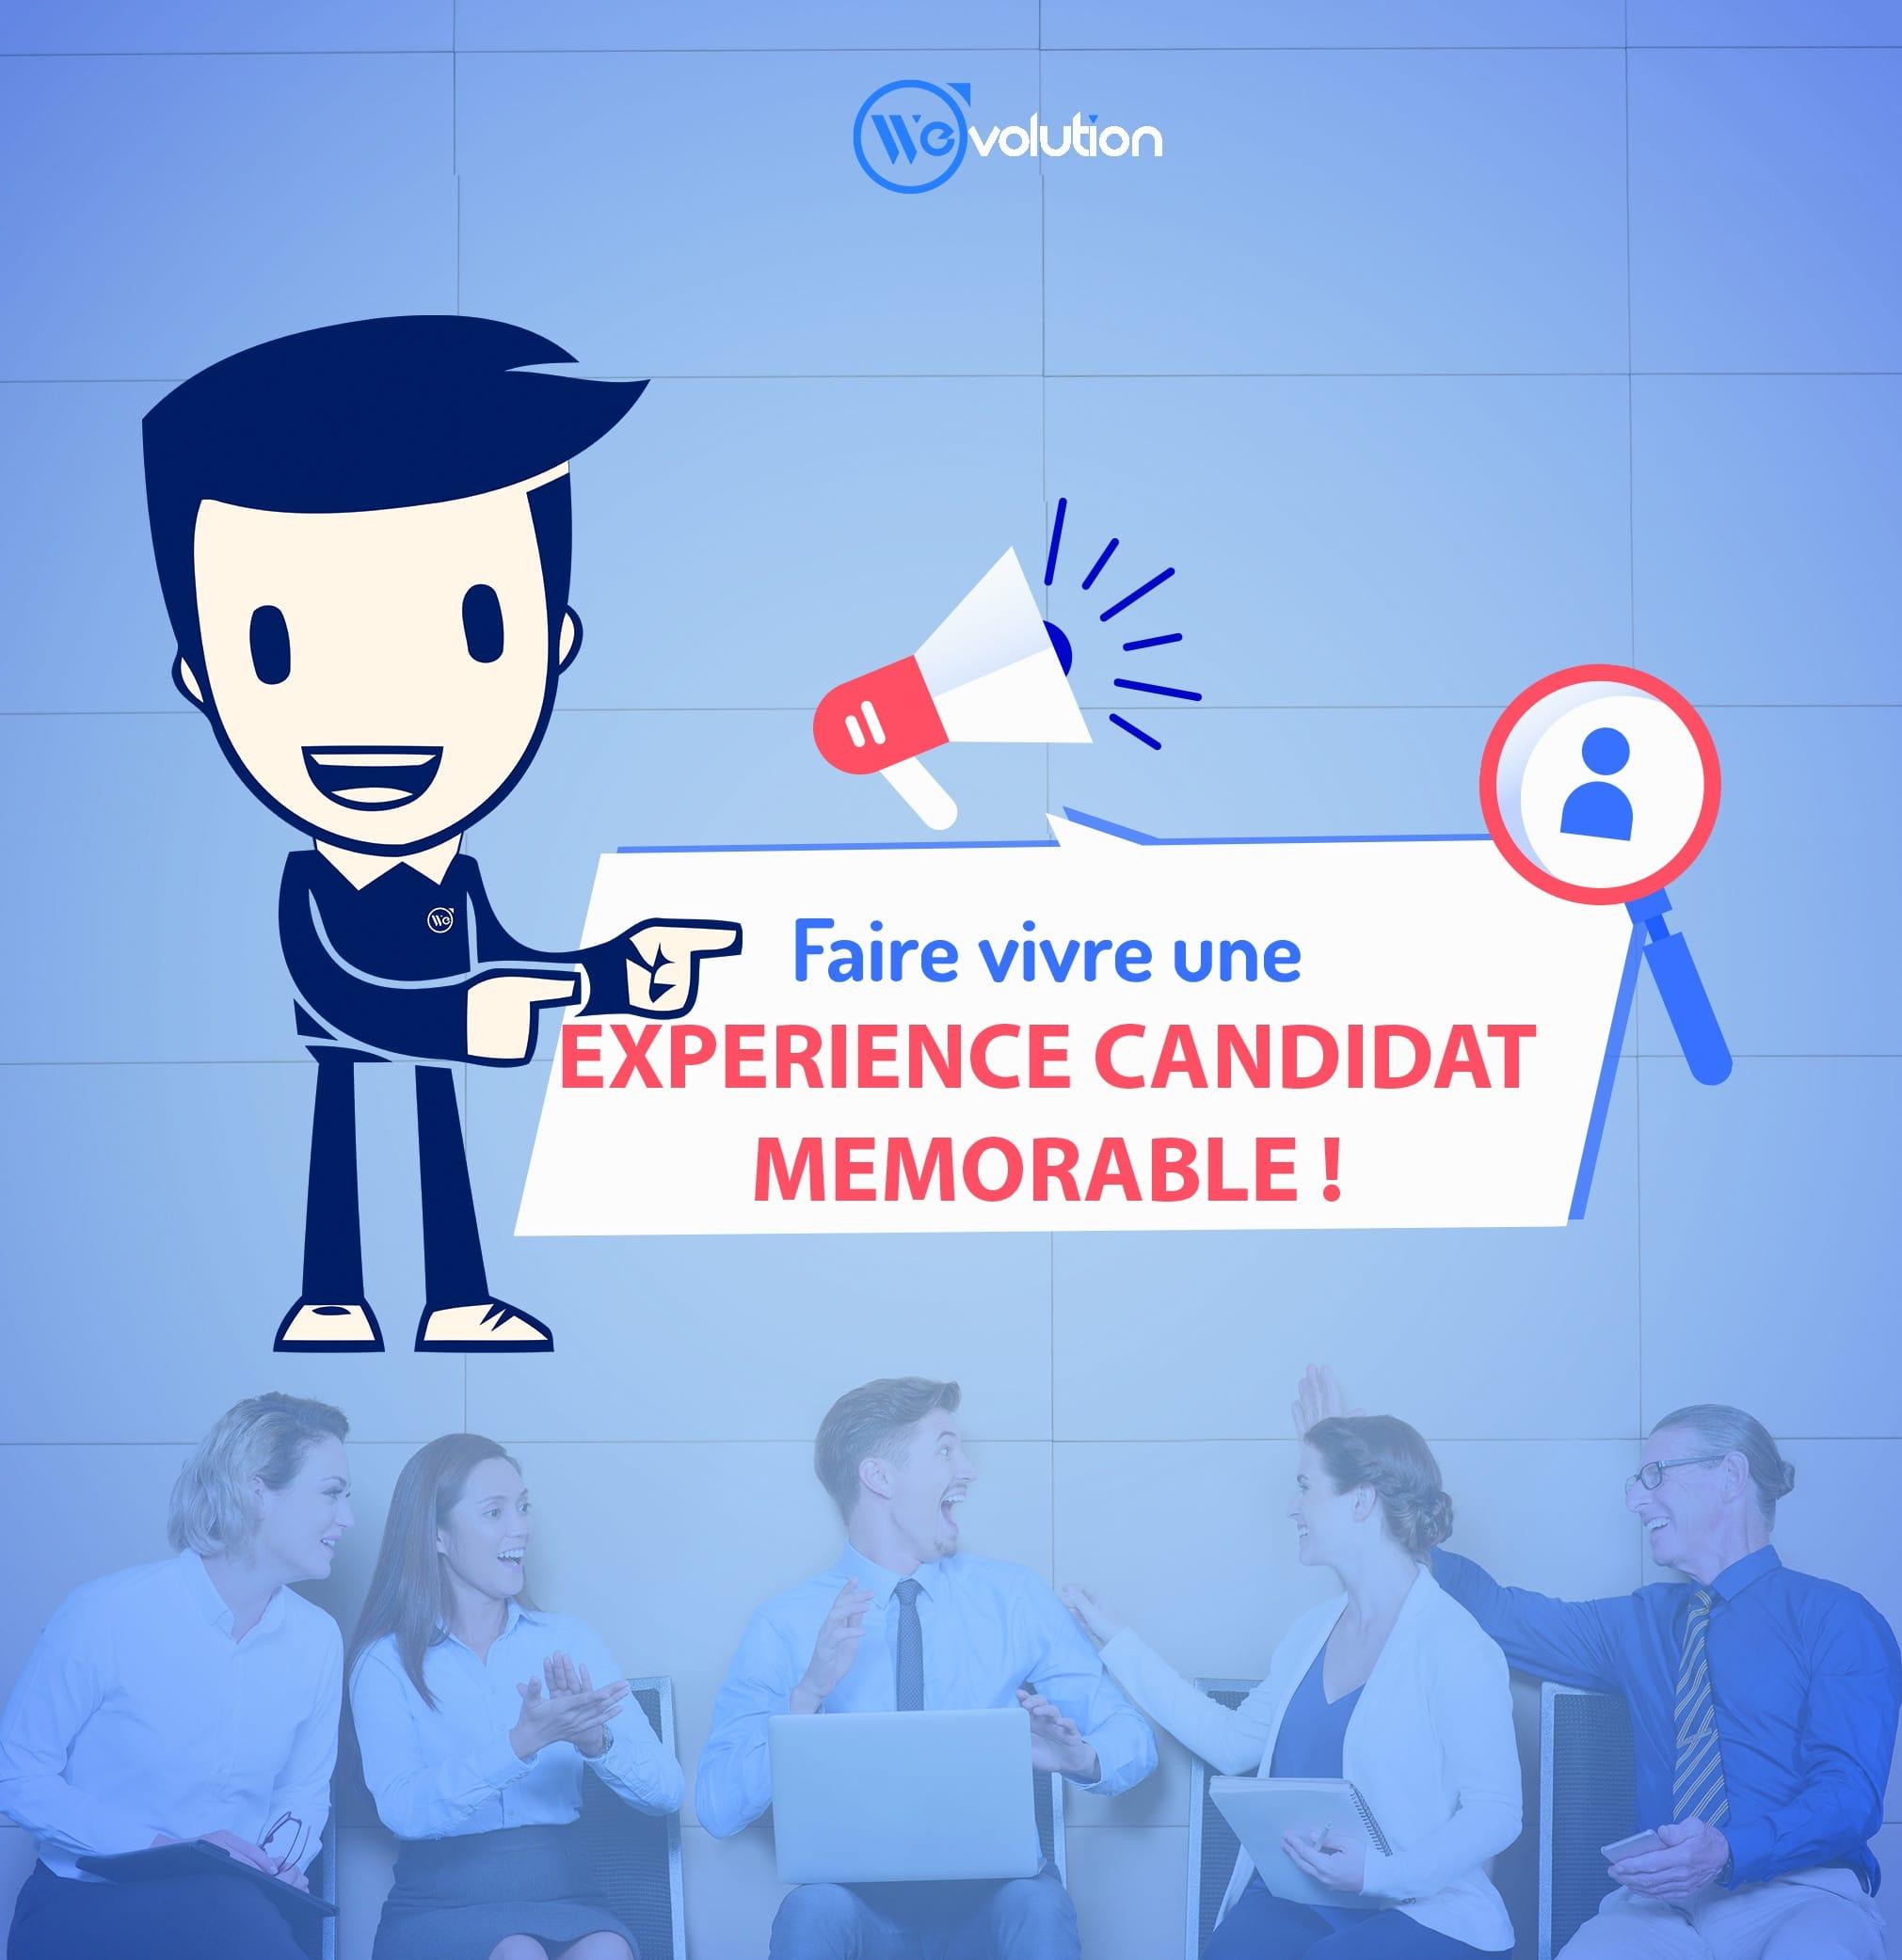 Faire vivre une expérience candidat mémorable !!!